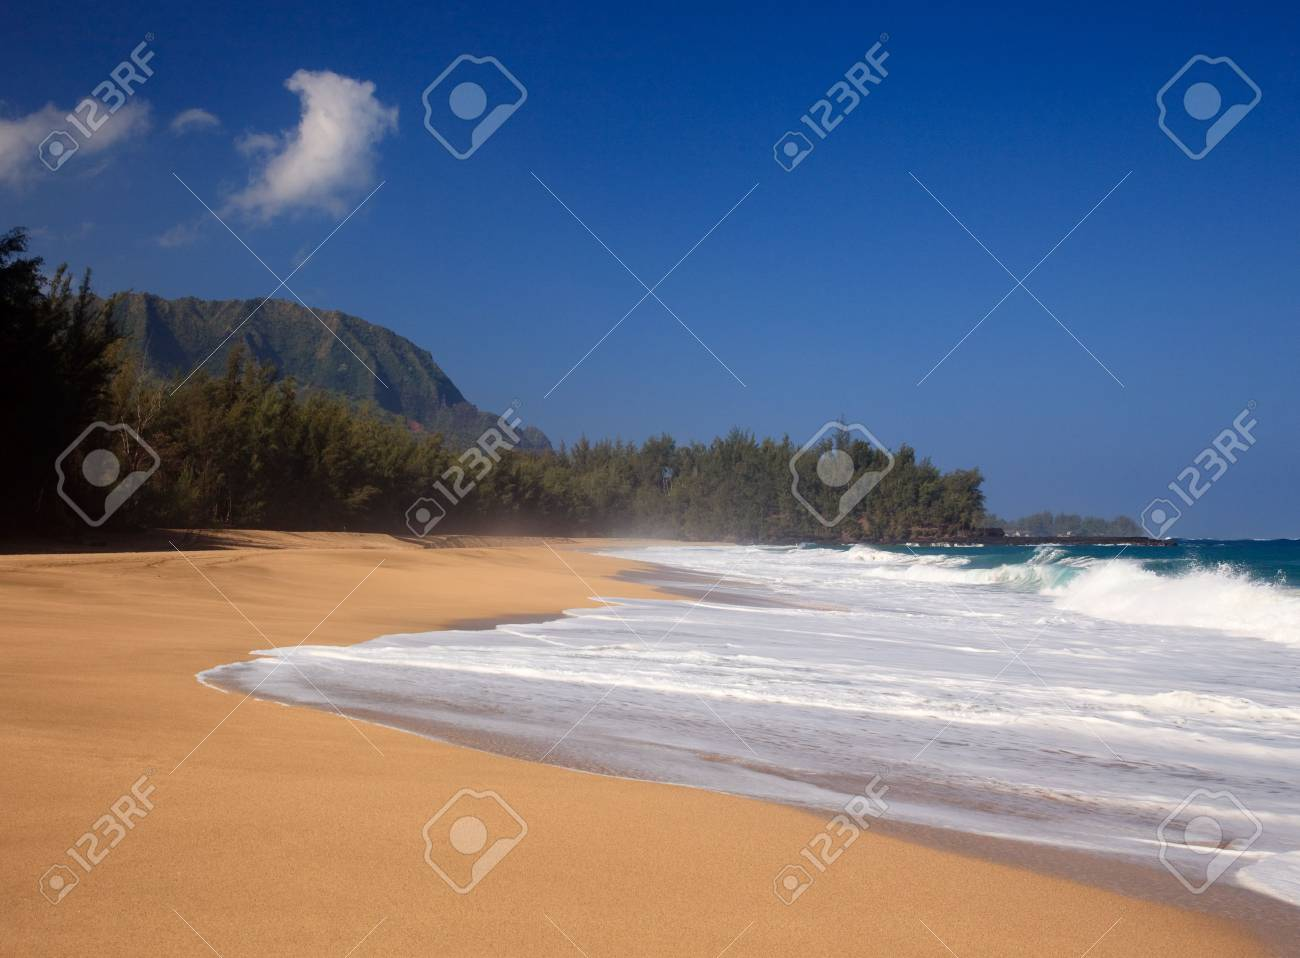 Strong waves crash over the beach at Lumahai on Kauai Stock Photo - 6371080